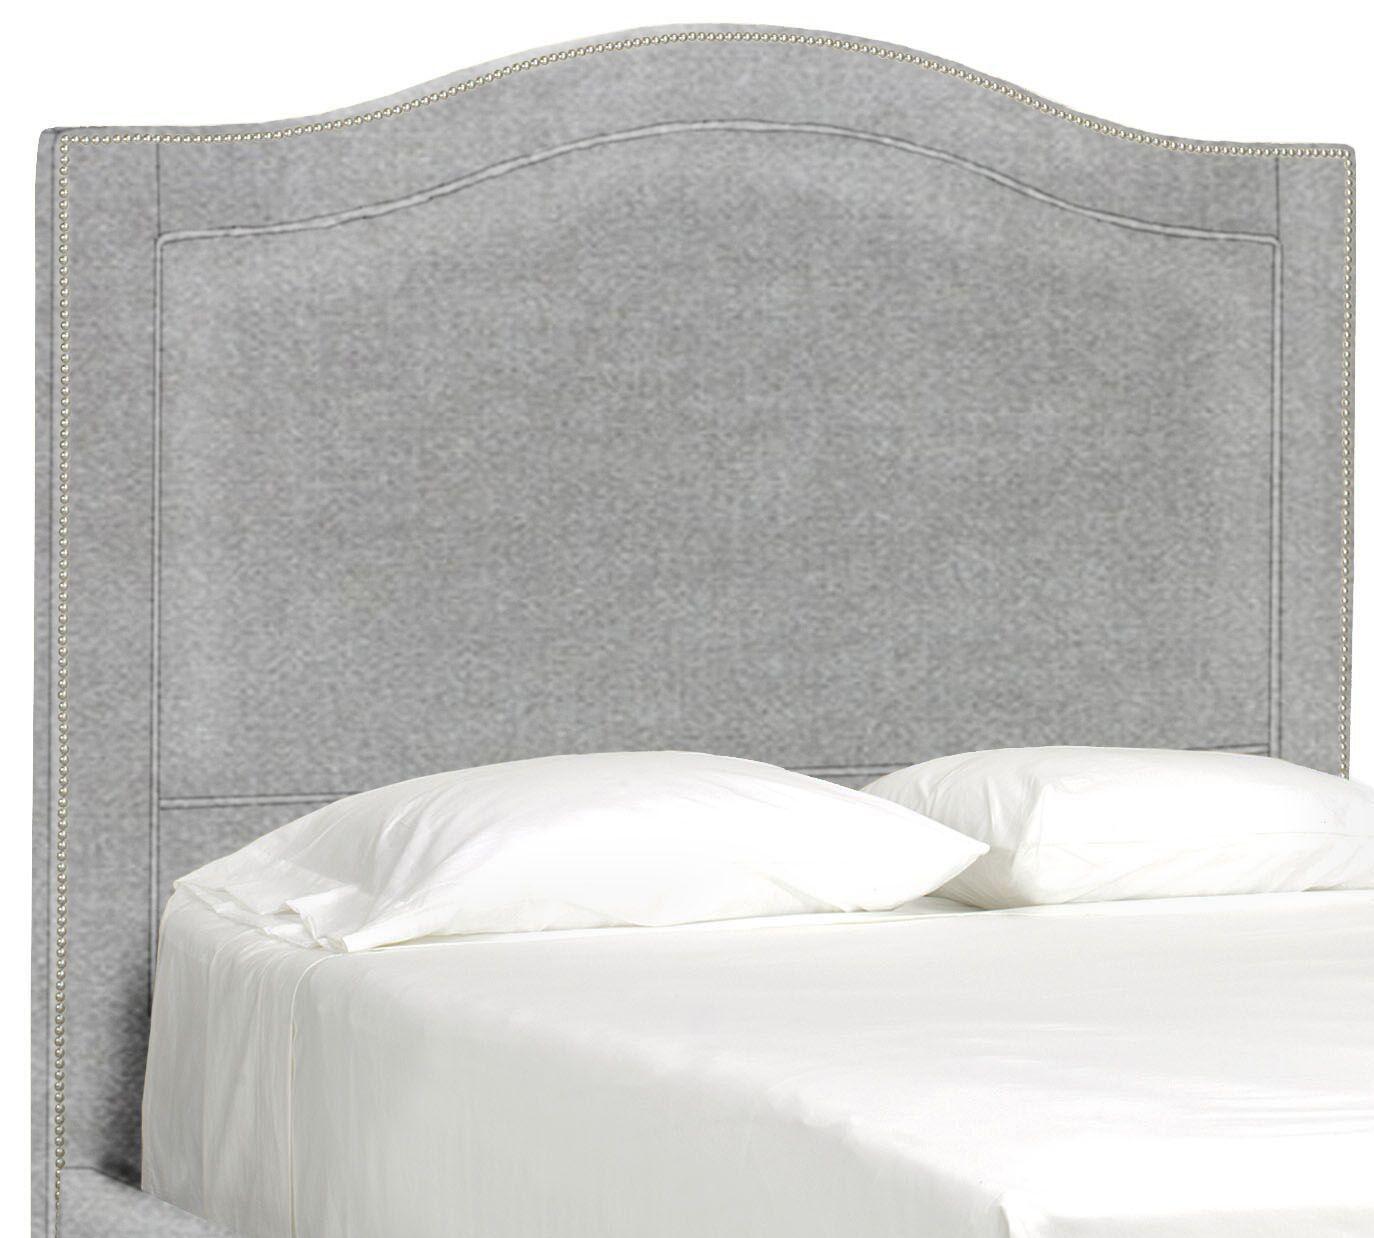 Dreamtime Upholstered Panel Headboard Size: Full, Upholstery: Pewter